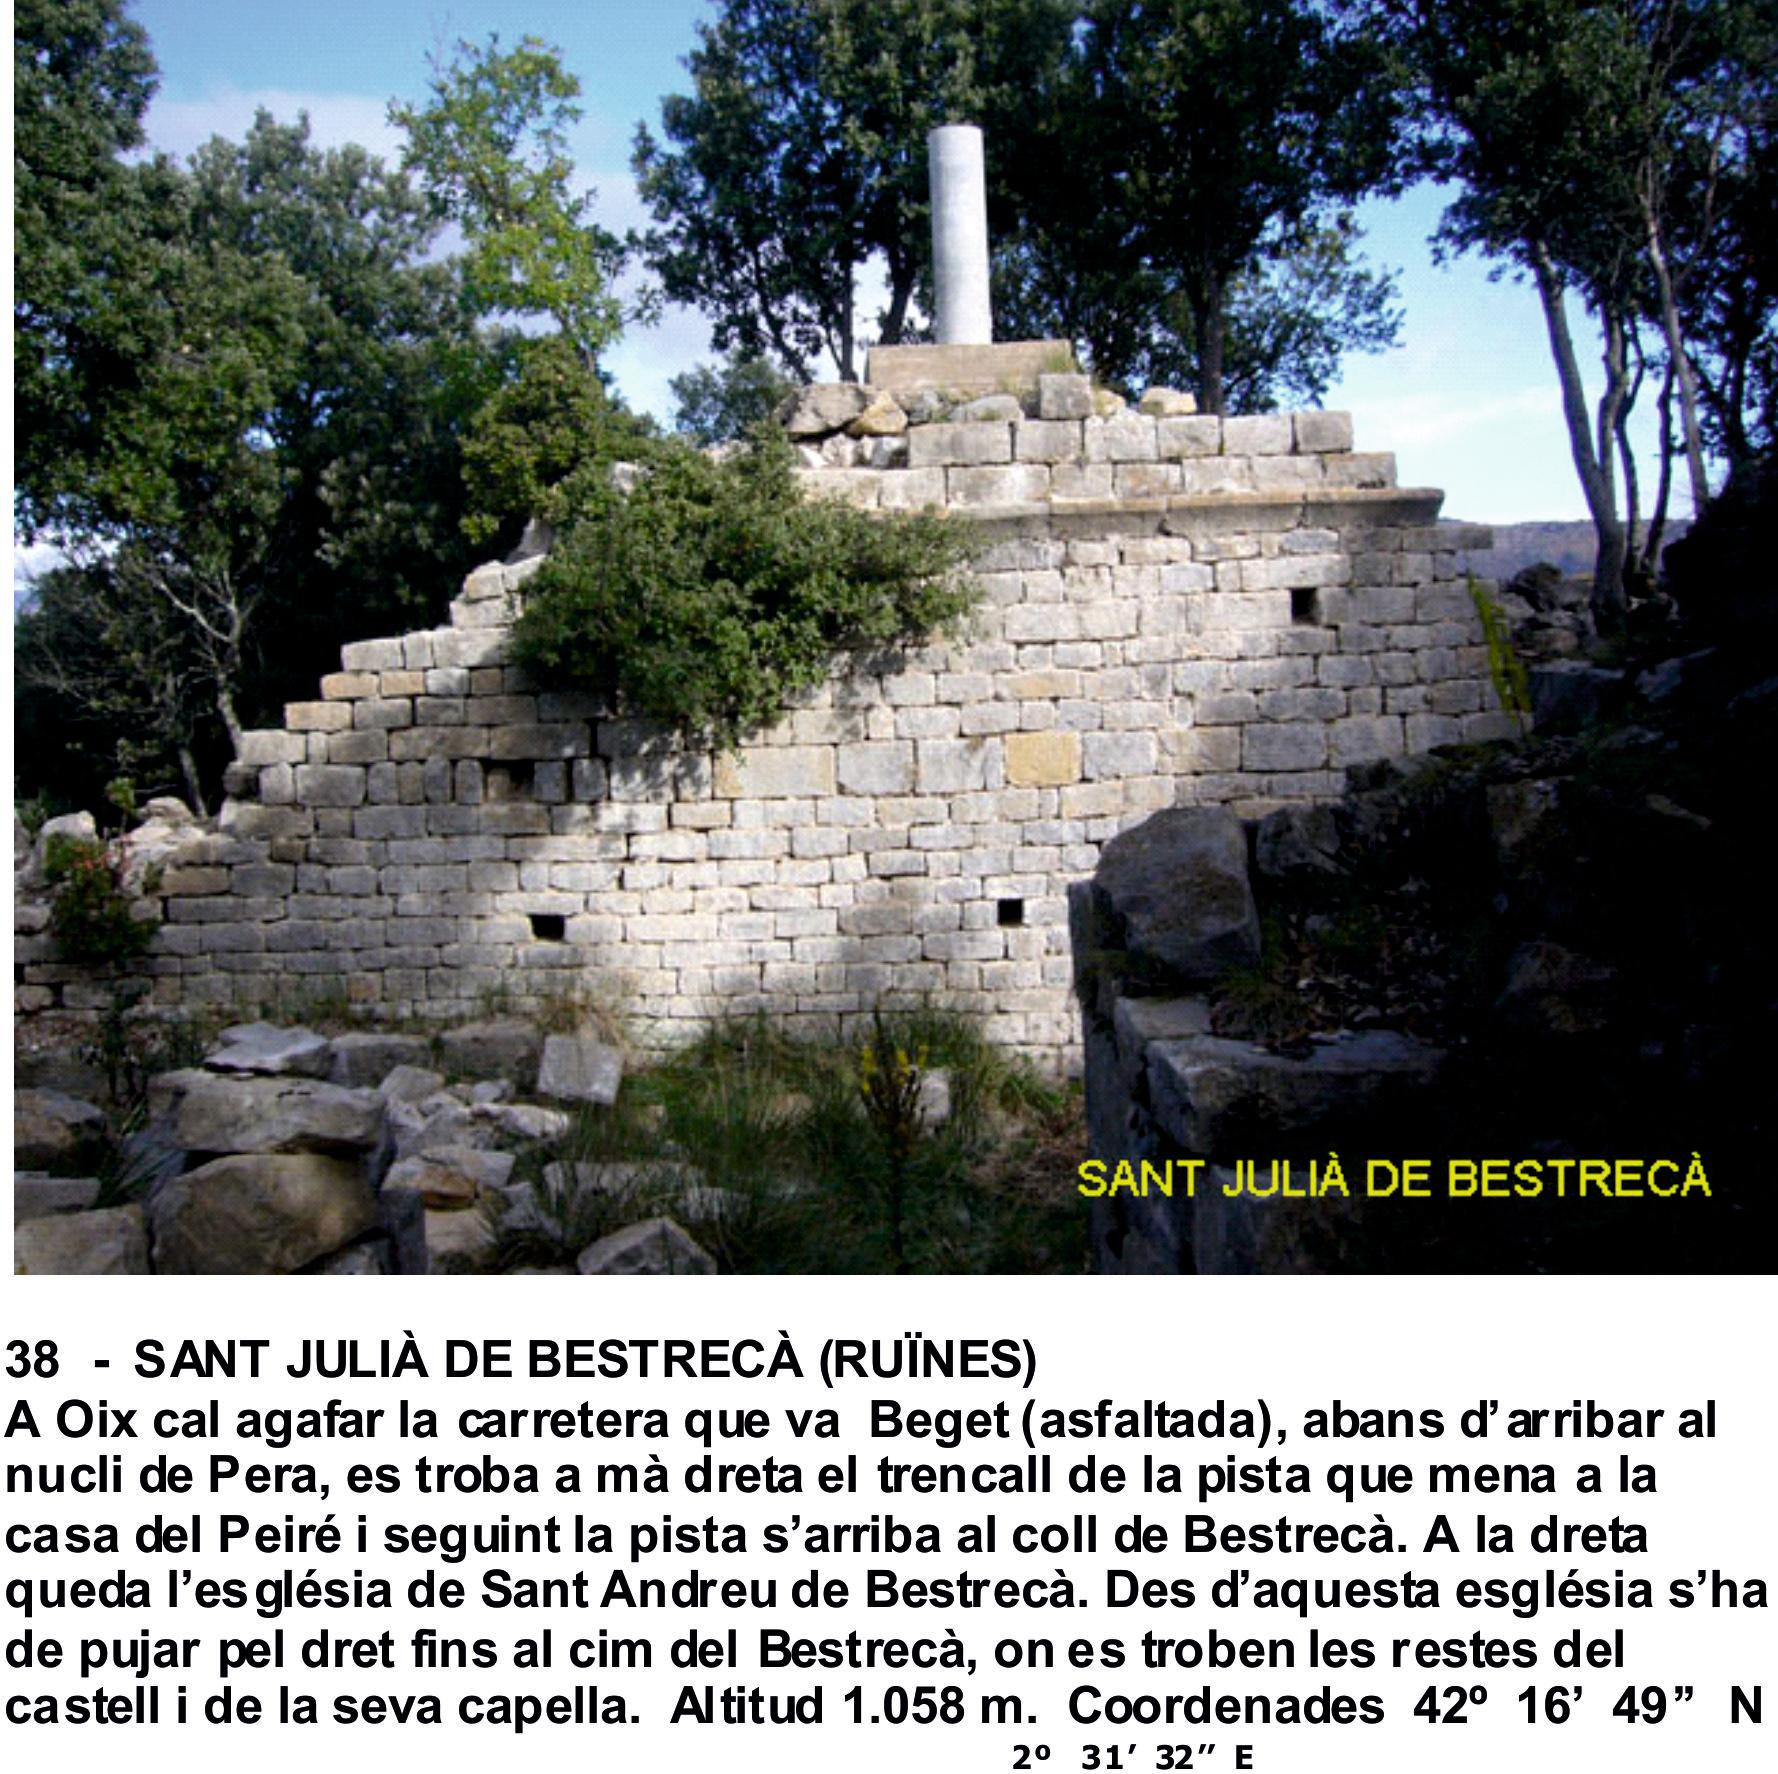 38  -  SANT JULIÀ DE BESTRECÀ (RUÏNES)